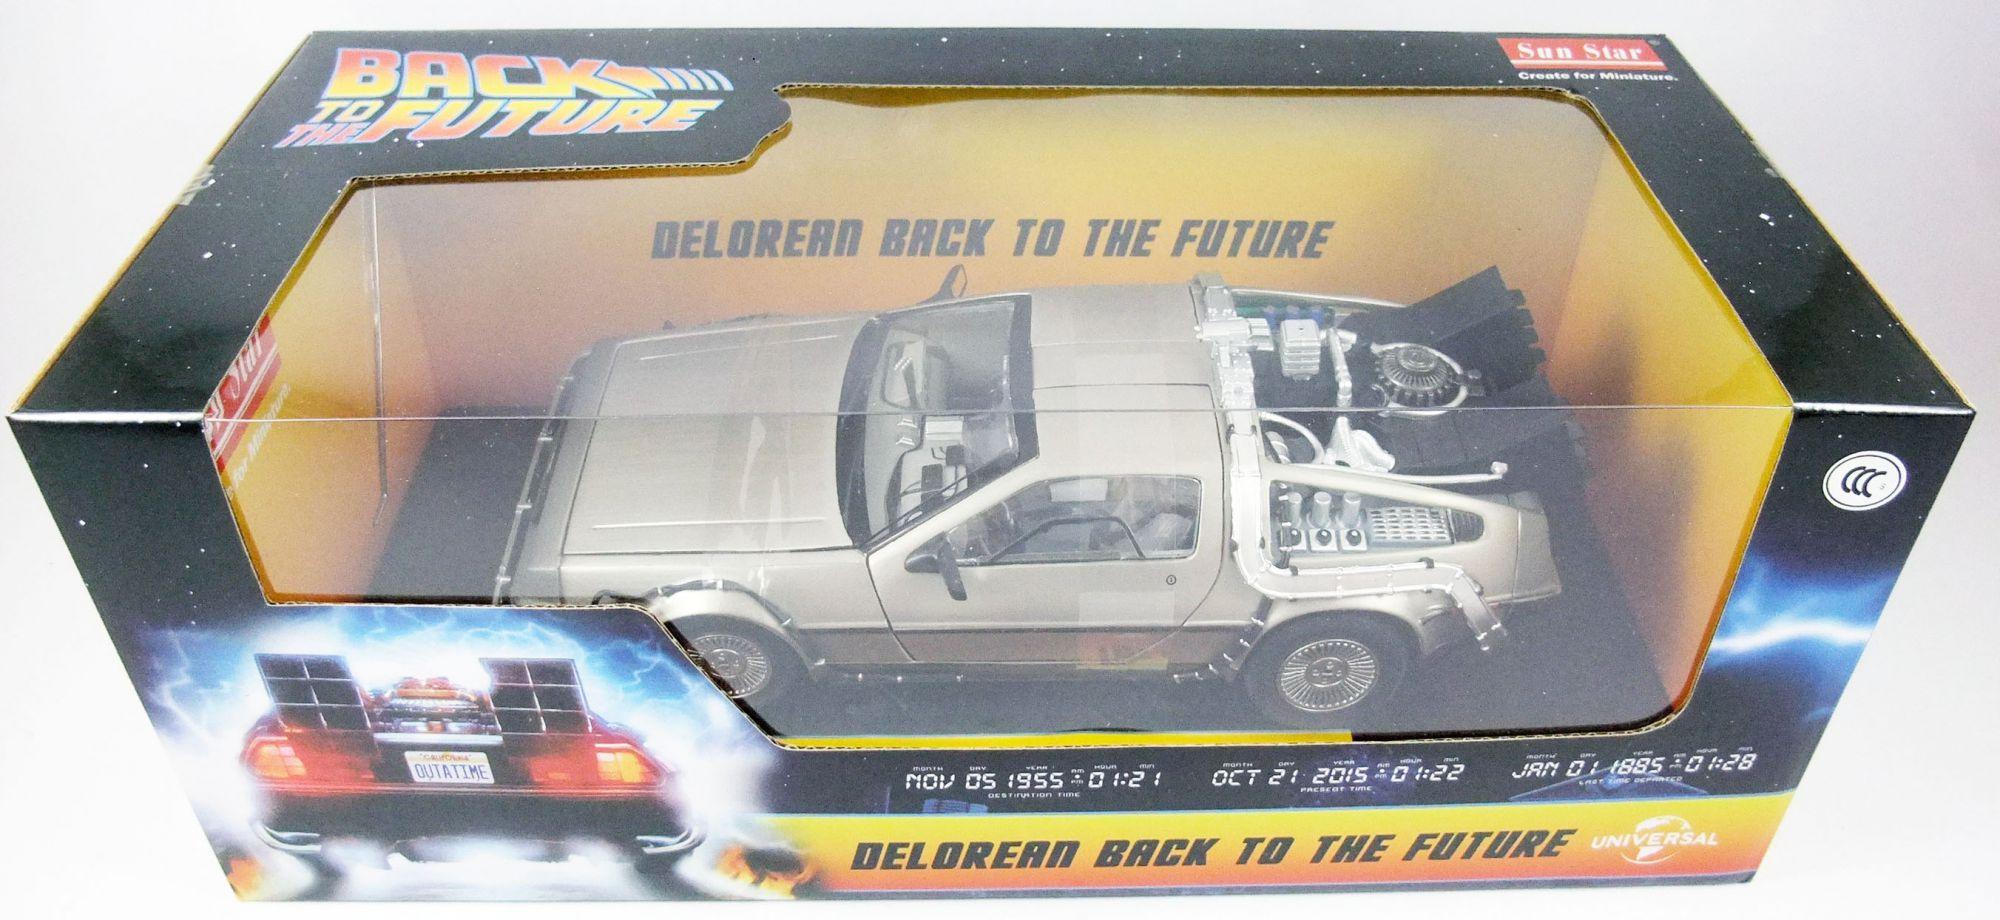 Back to the Future Part.I - Sun Star - Delorean Time Machine